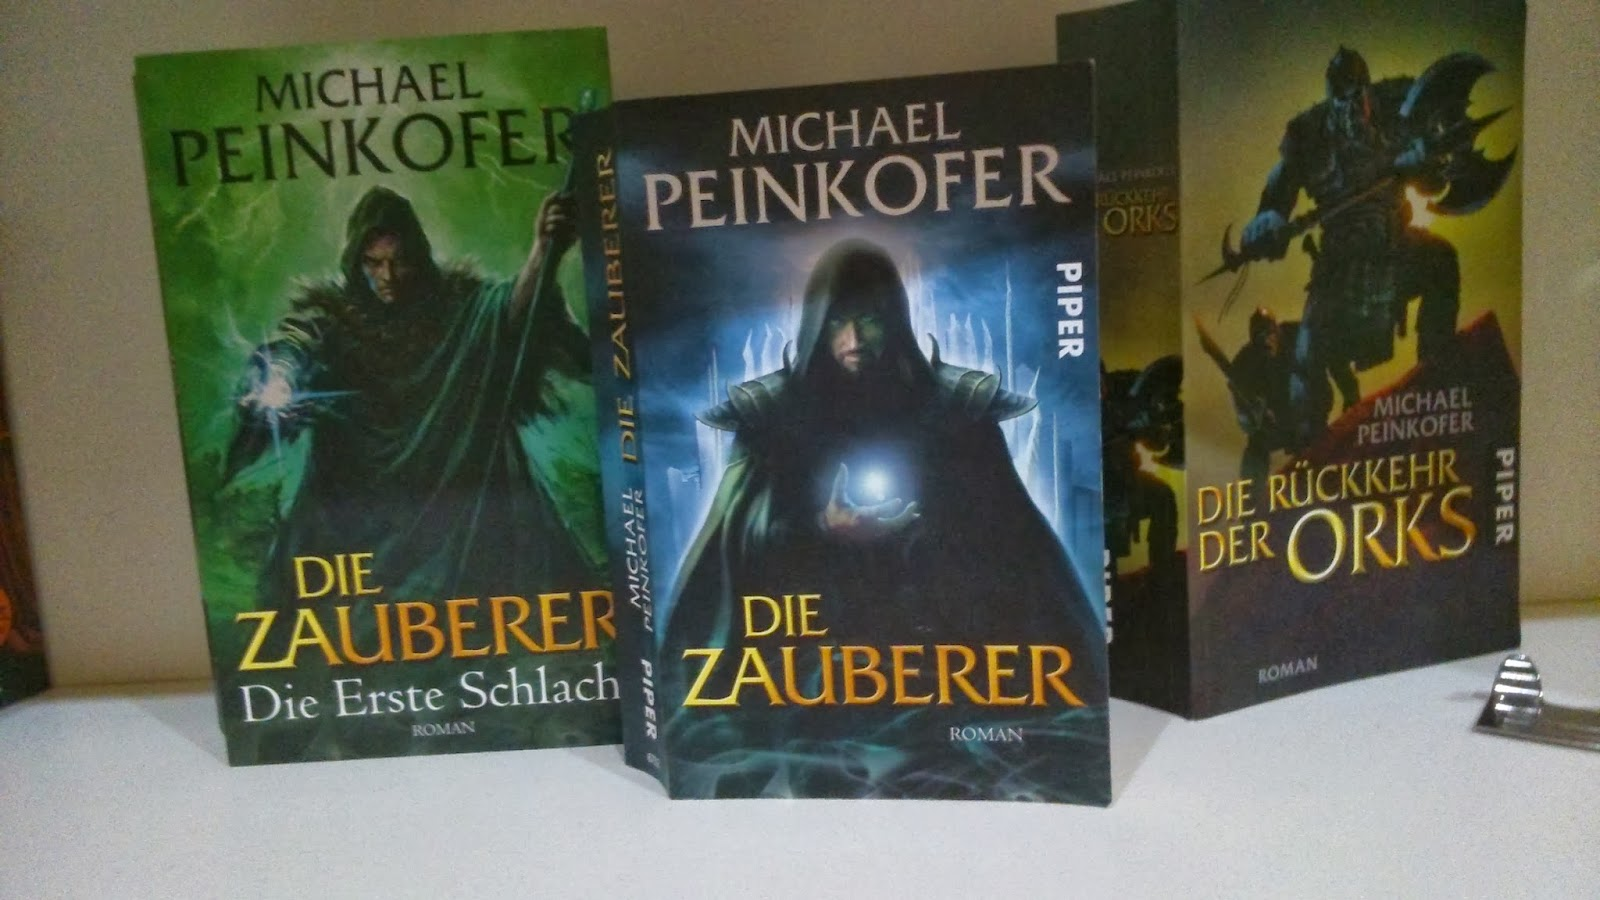 Lenas Bcherwelt: Tour durchs Buchregal//4